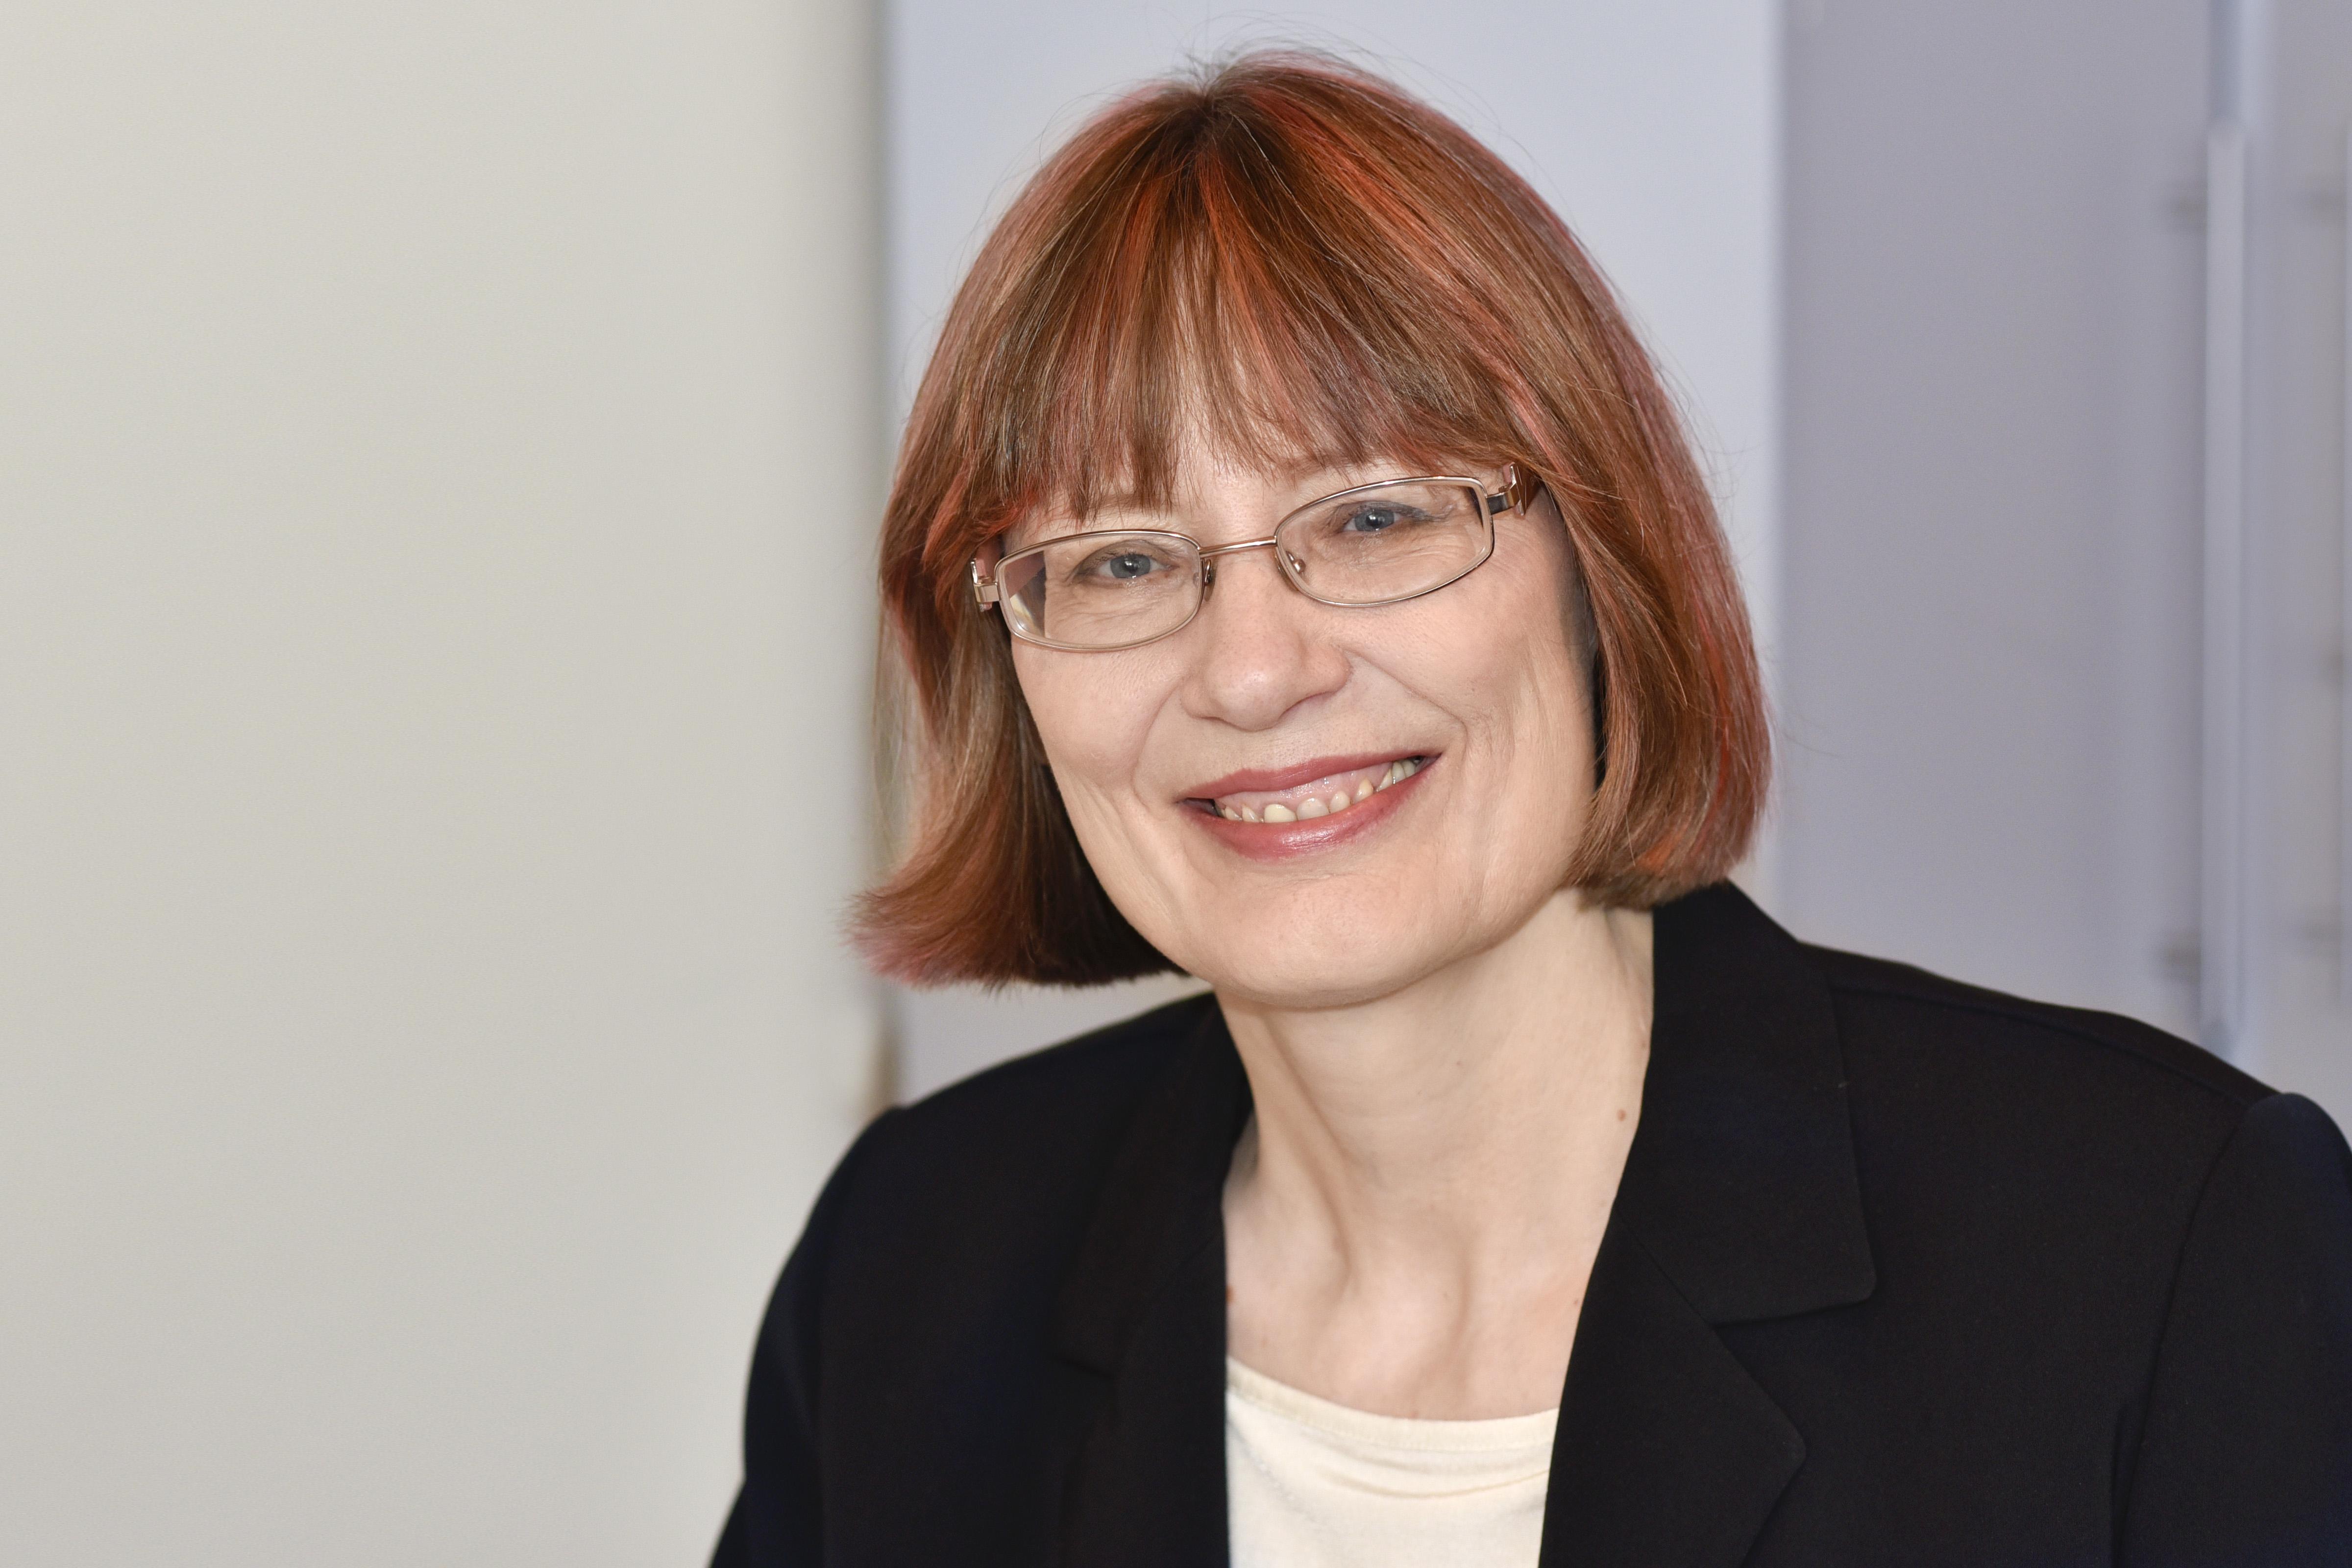 Claudia Lonser